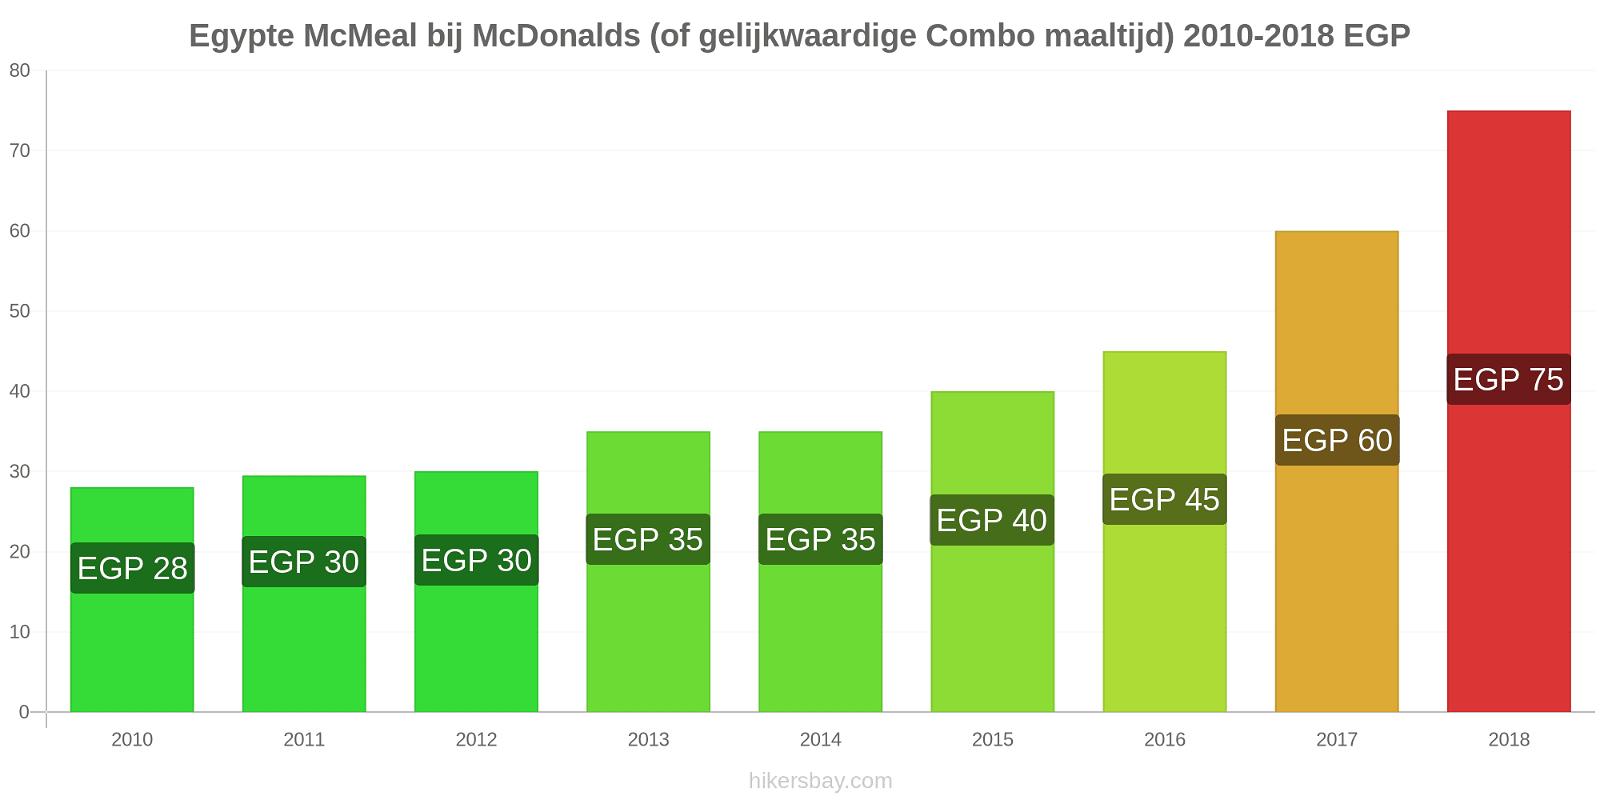 Egypte prijswijzigingen McMeal bij McDonalds (of gelijkwaardige Combo maaltijd) hikersbay.com